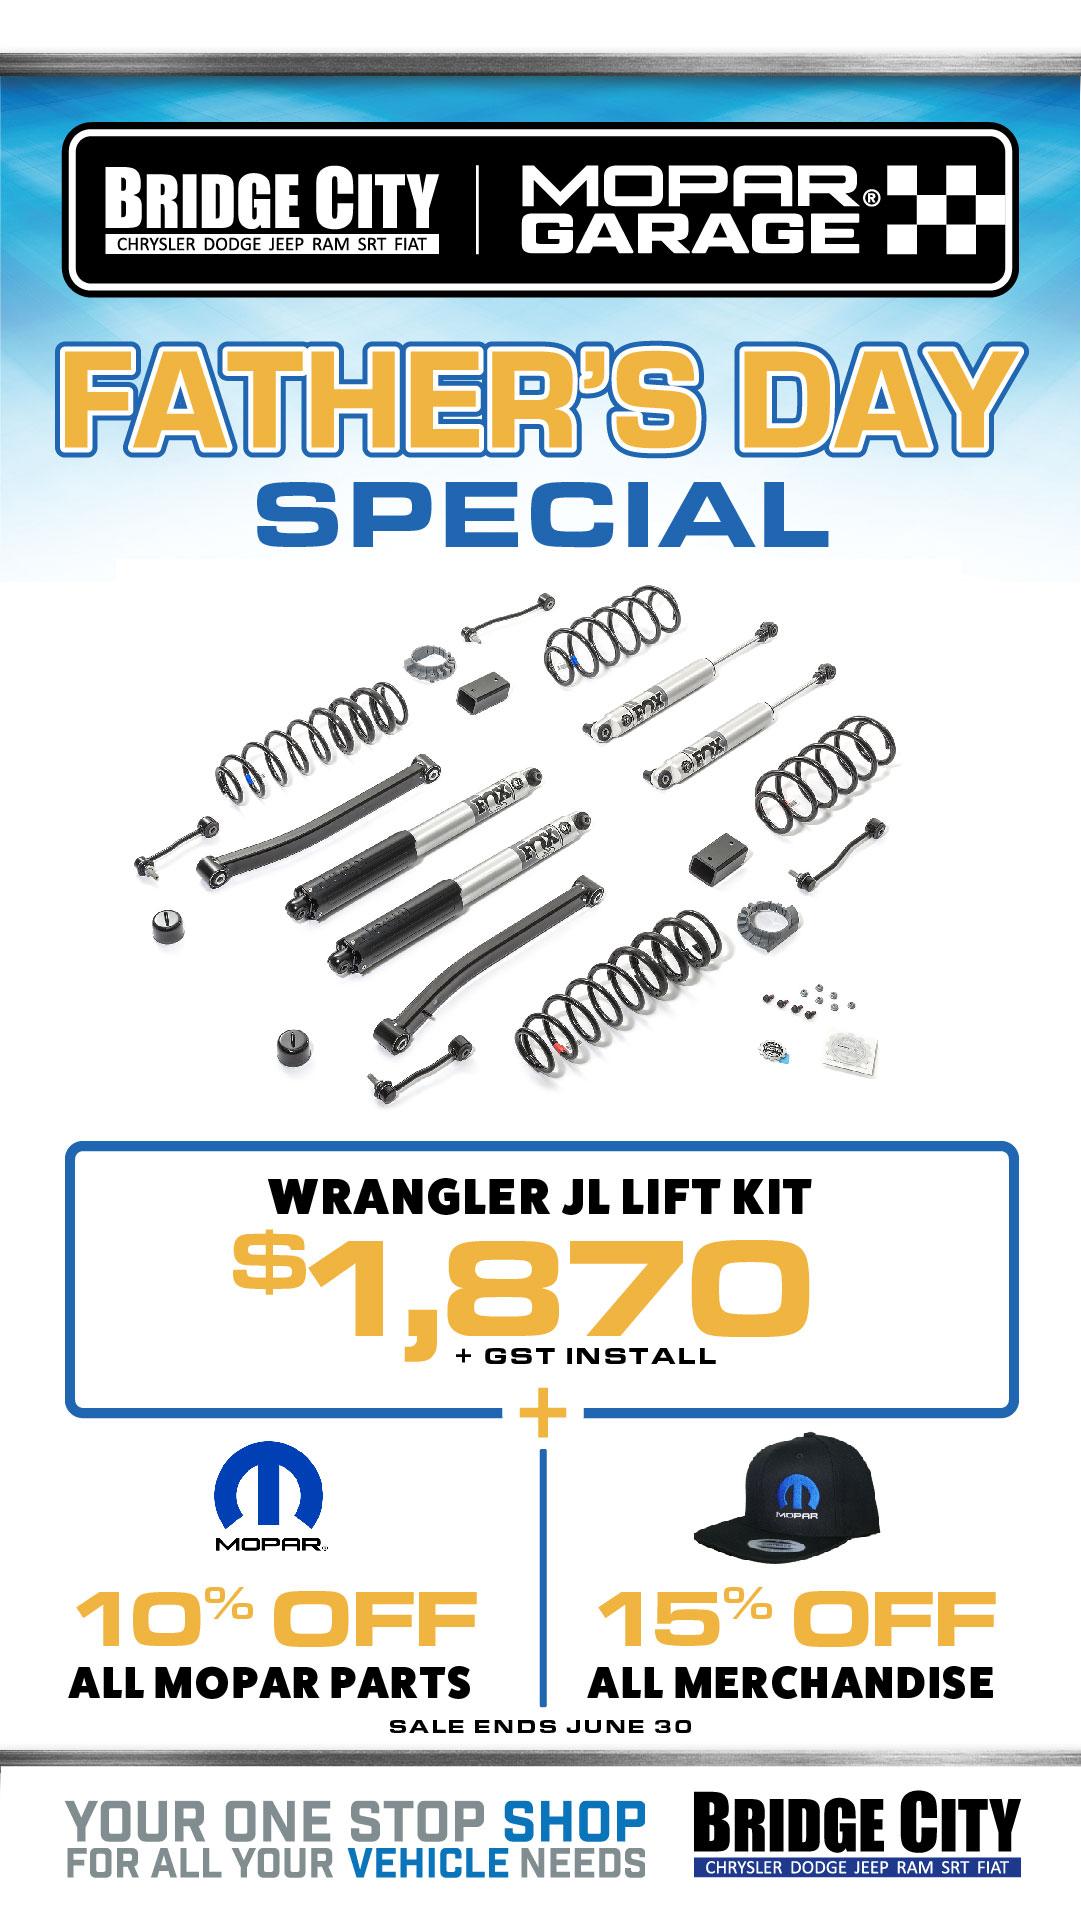 dealership dodge used tx link kingsville business jeep neessen parts in dealer